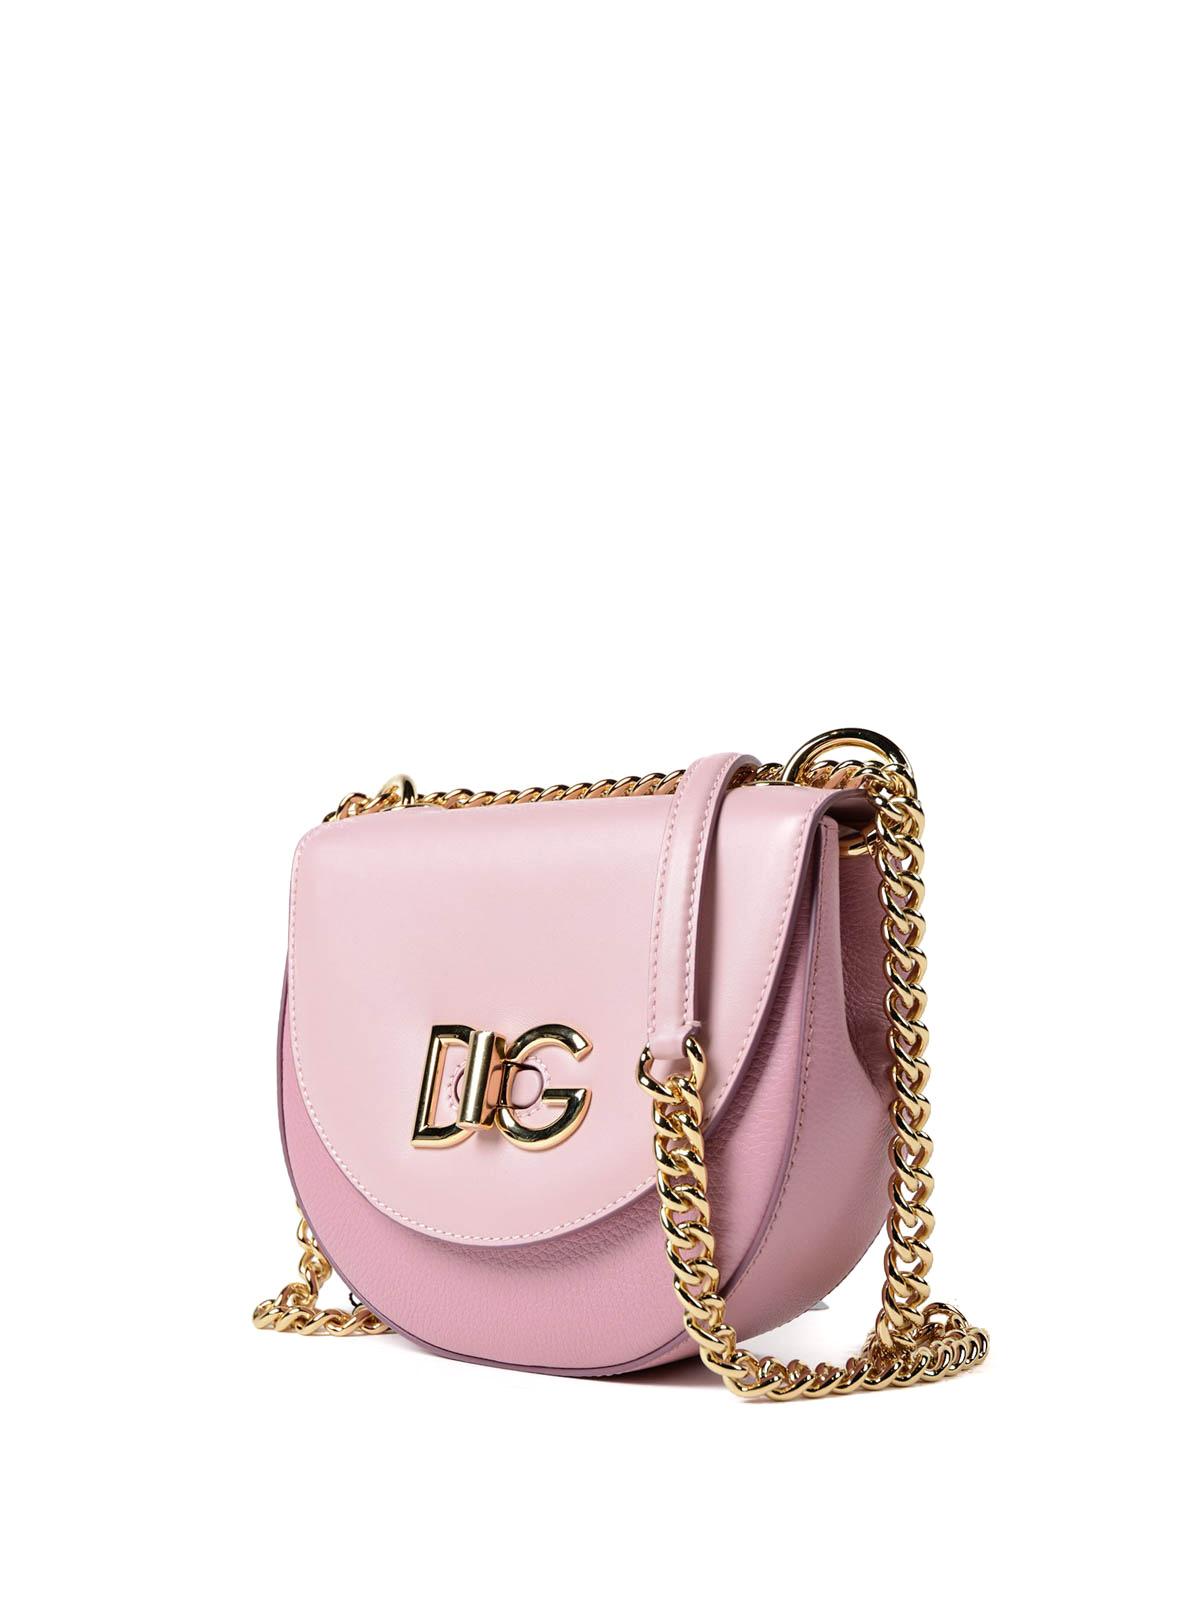 Dolce & Gabbana Wifi medium leather bag d1kIxiRVap